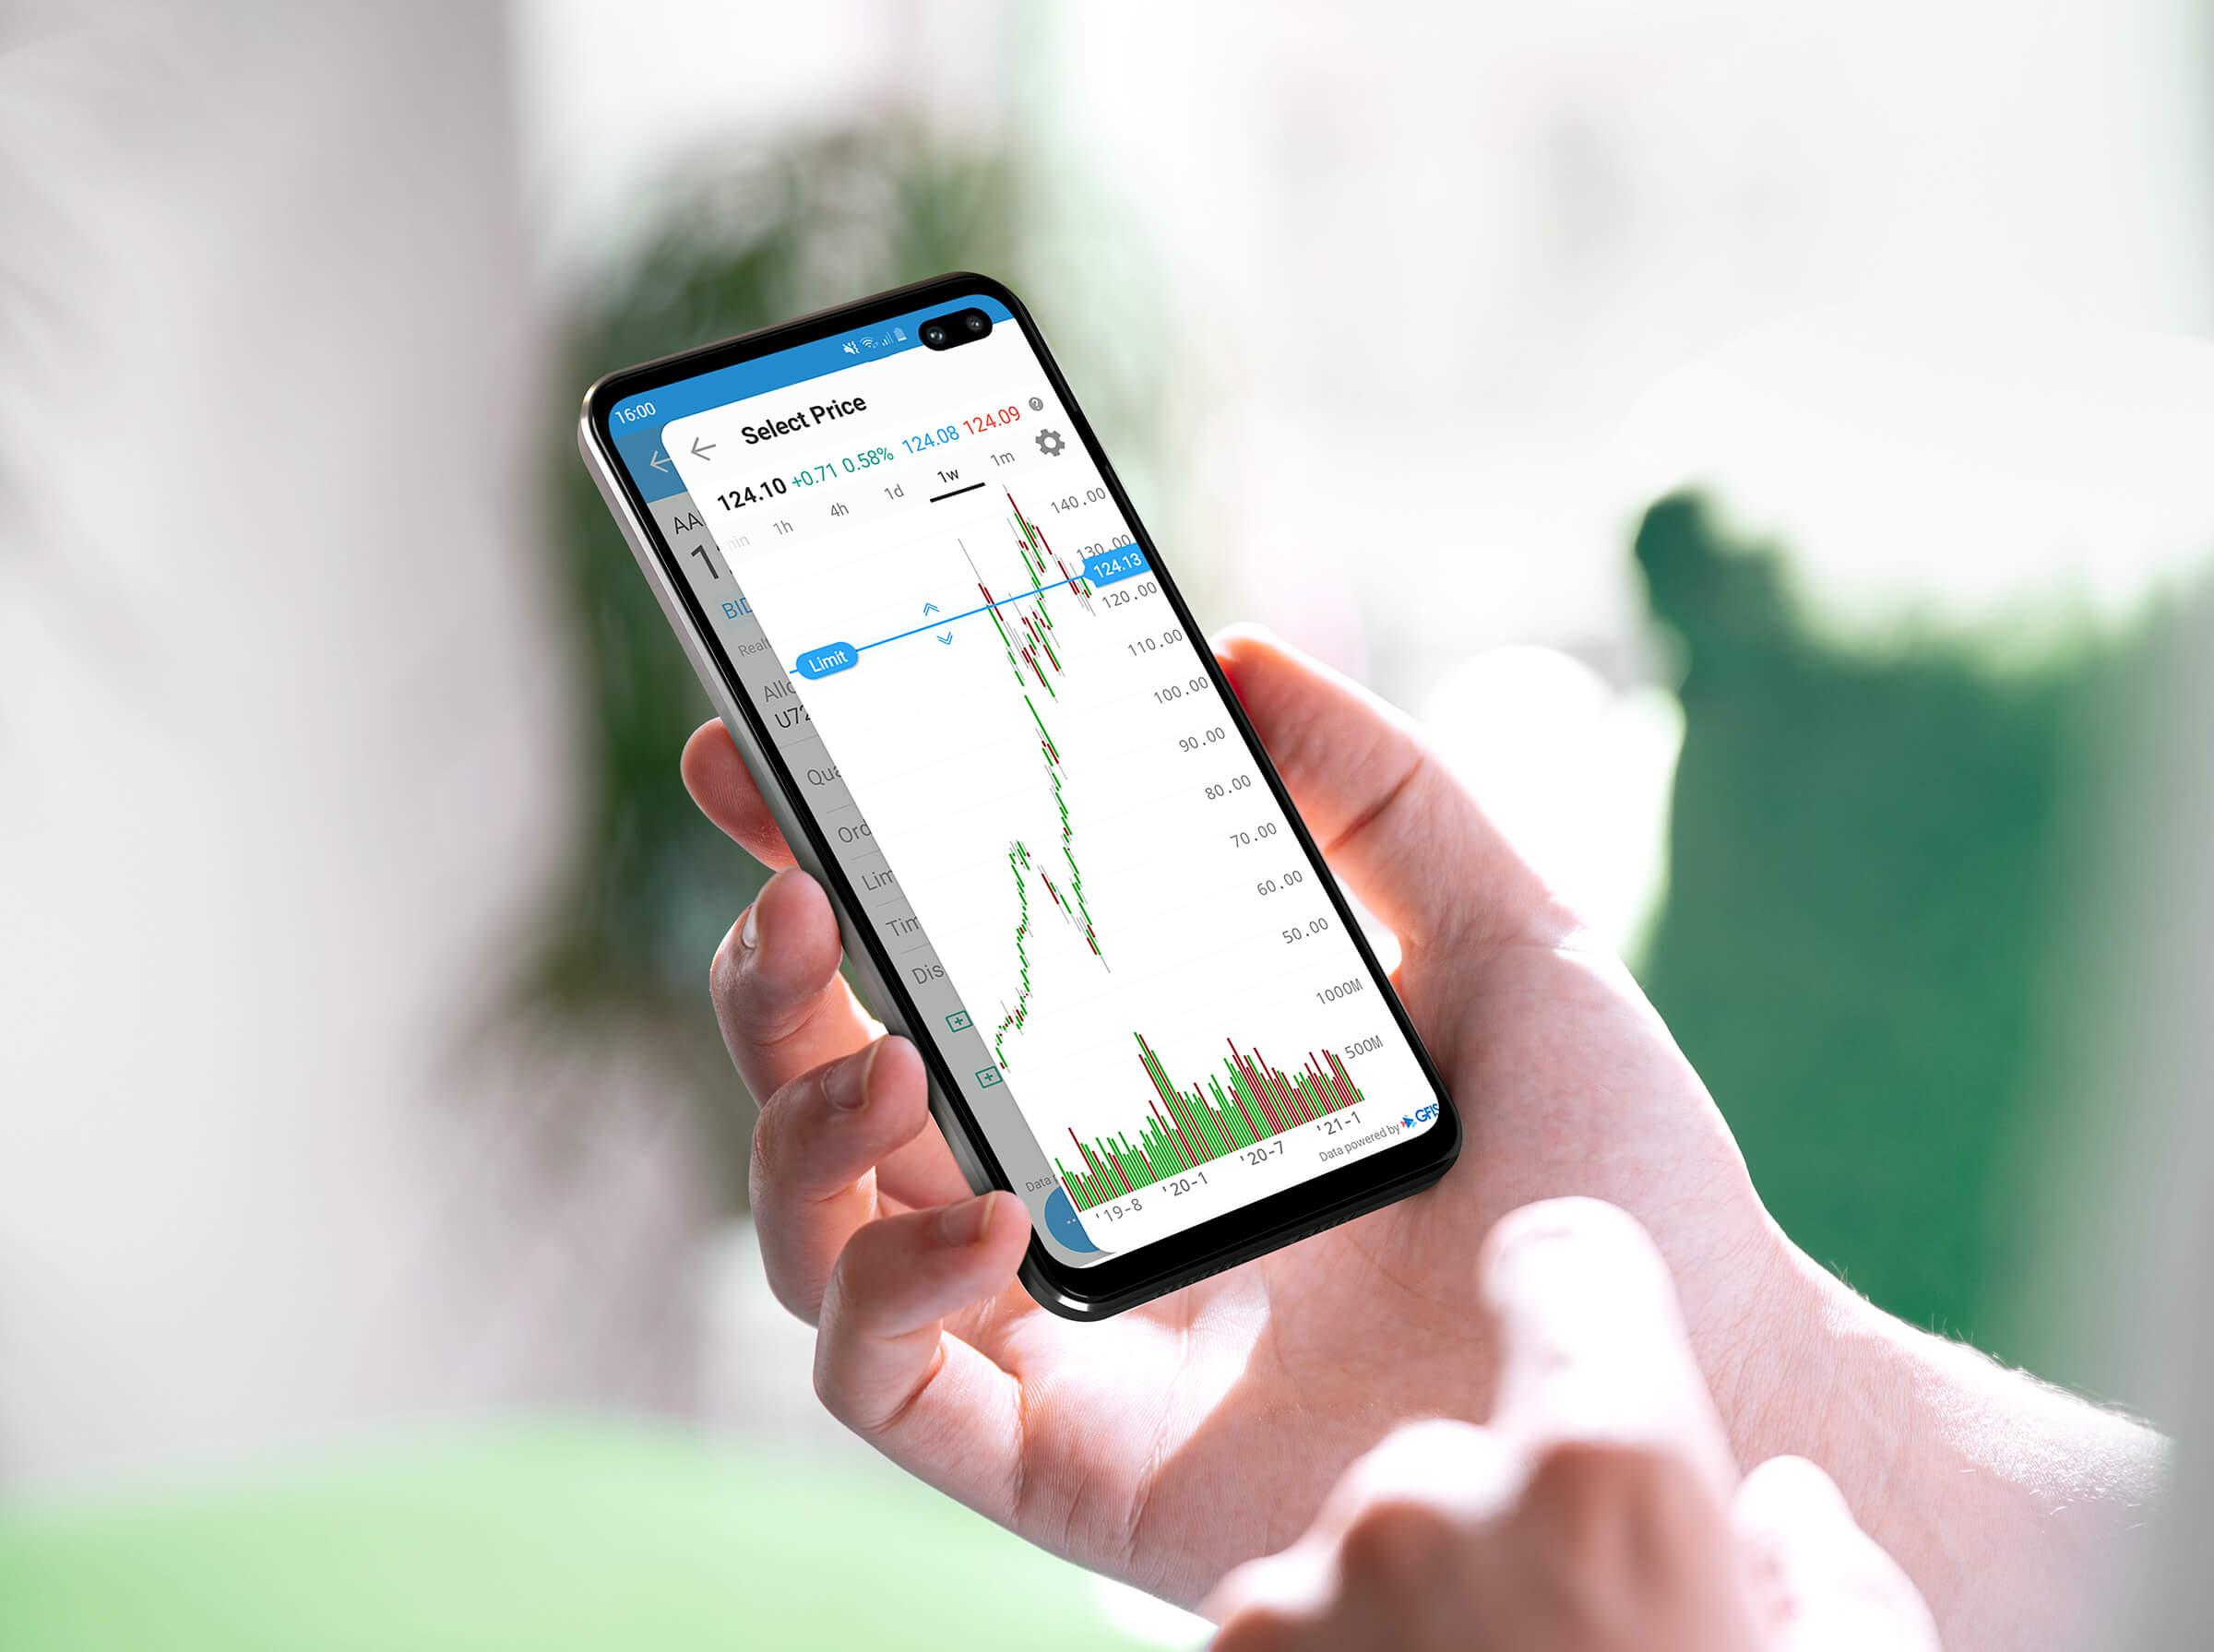 Mobilní zařízení s operačním systémem Android a obchodní aplikací s cenovým grafem akcie